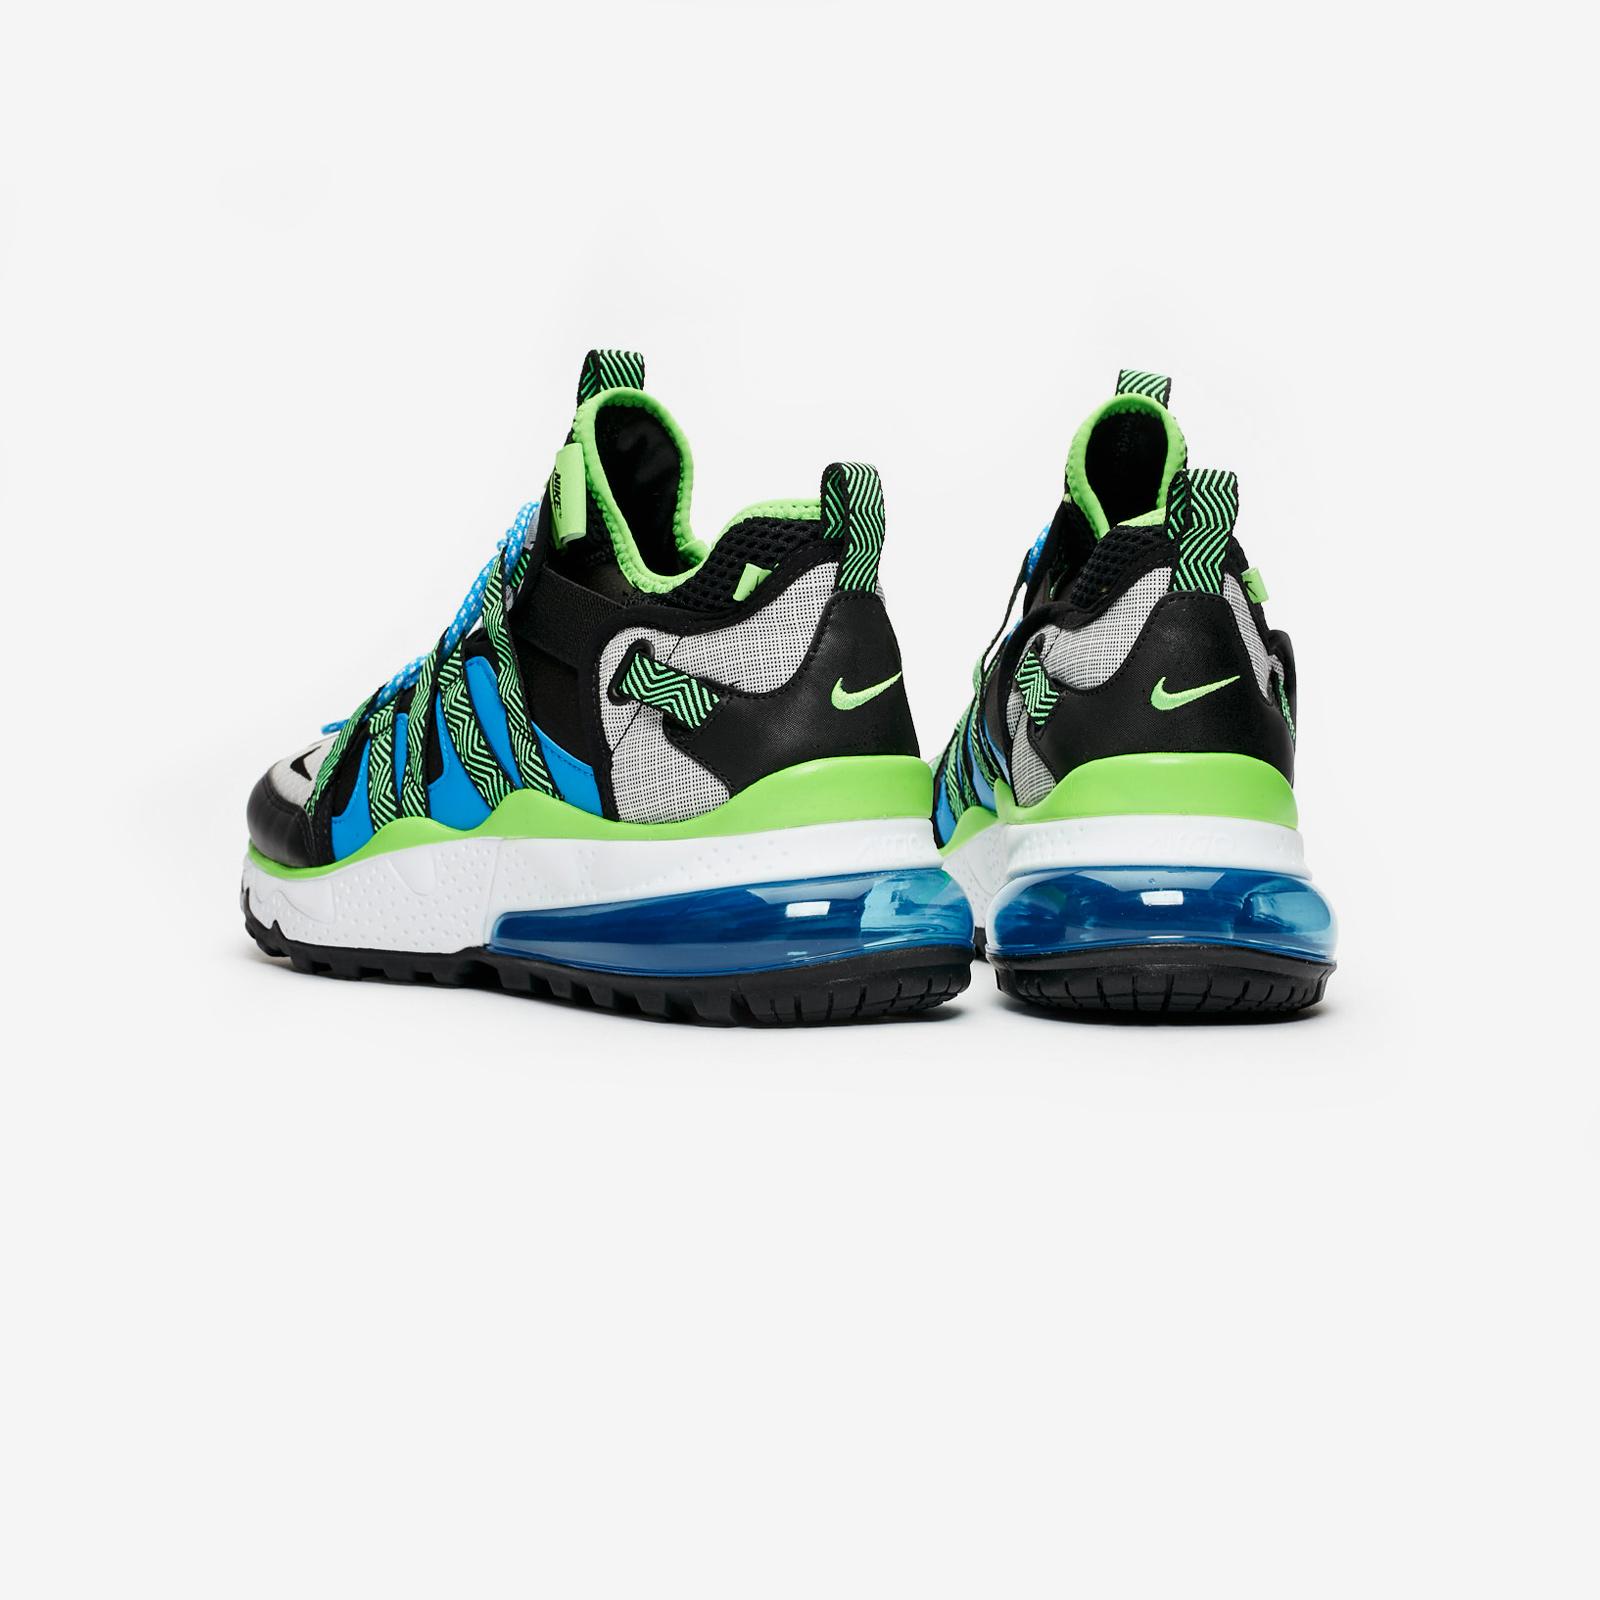 Nike Sportswear Air Max 270 Bowfin Nike Sportswear Air Max 270 Bowfin ... 461b4326d